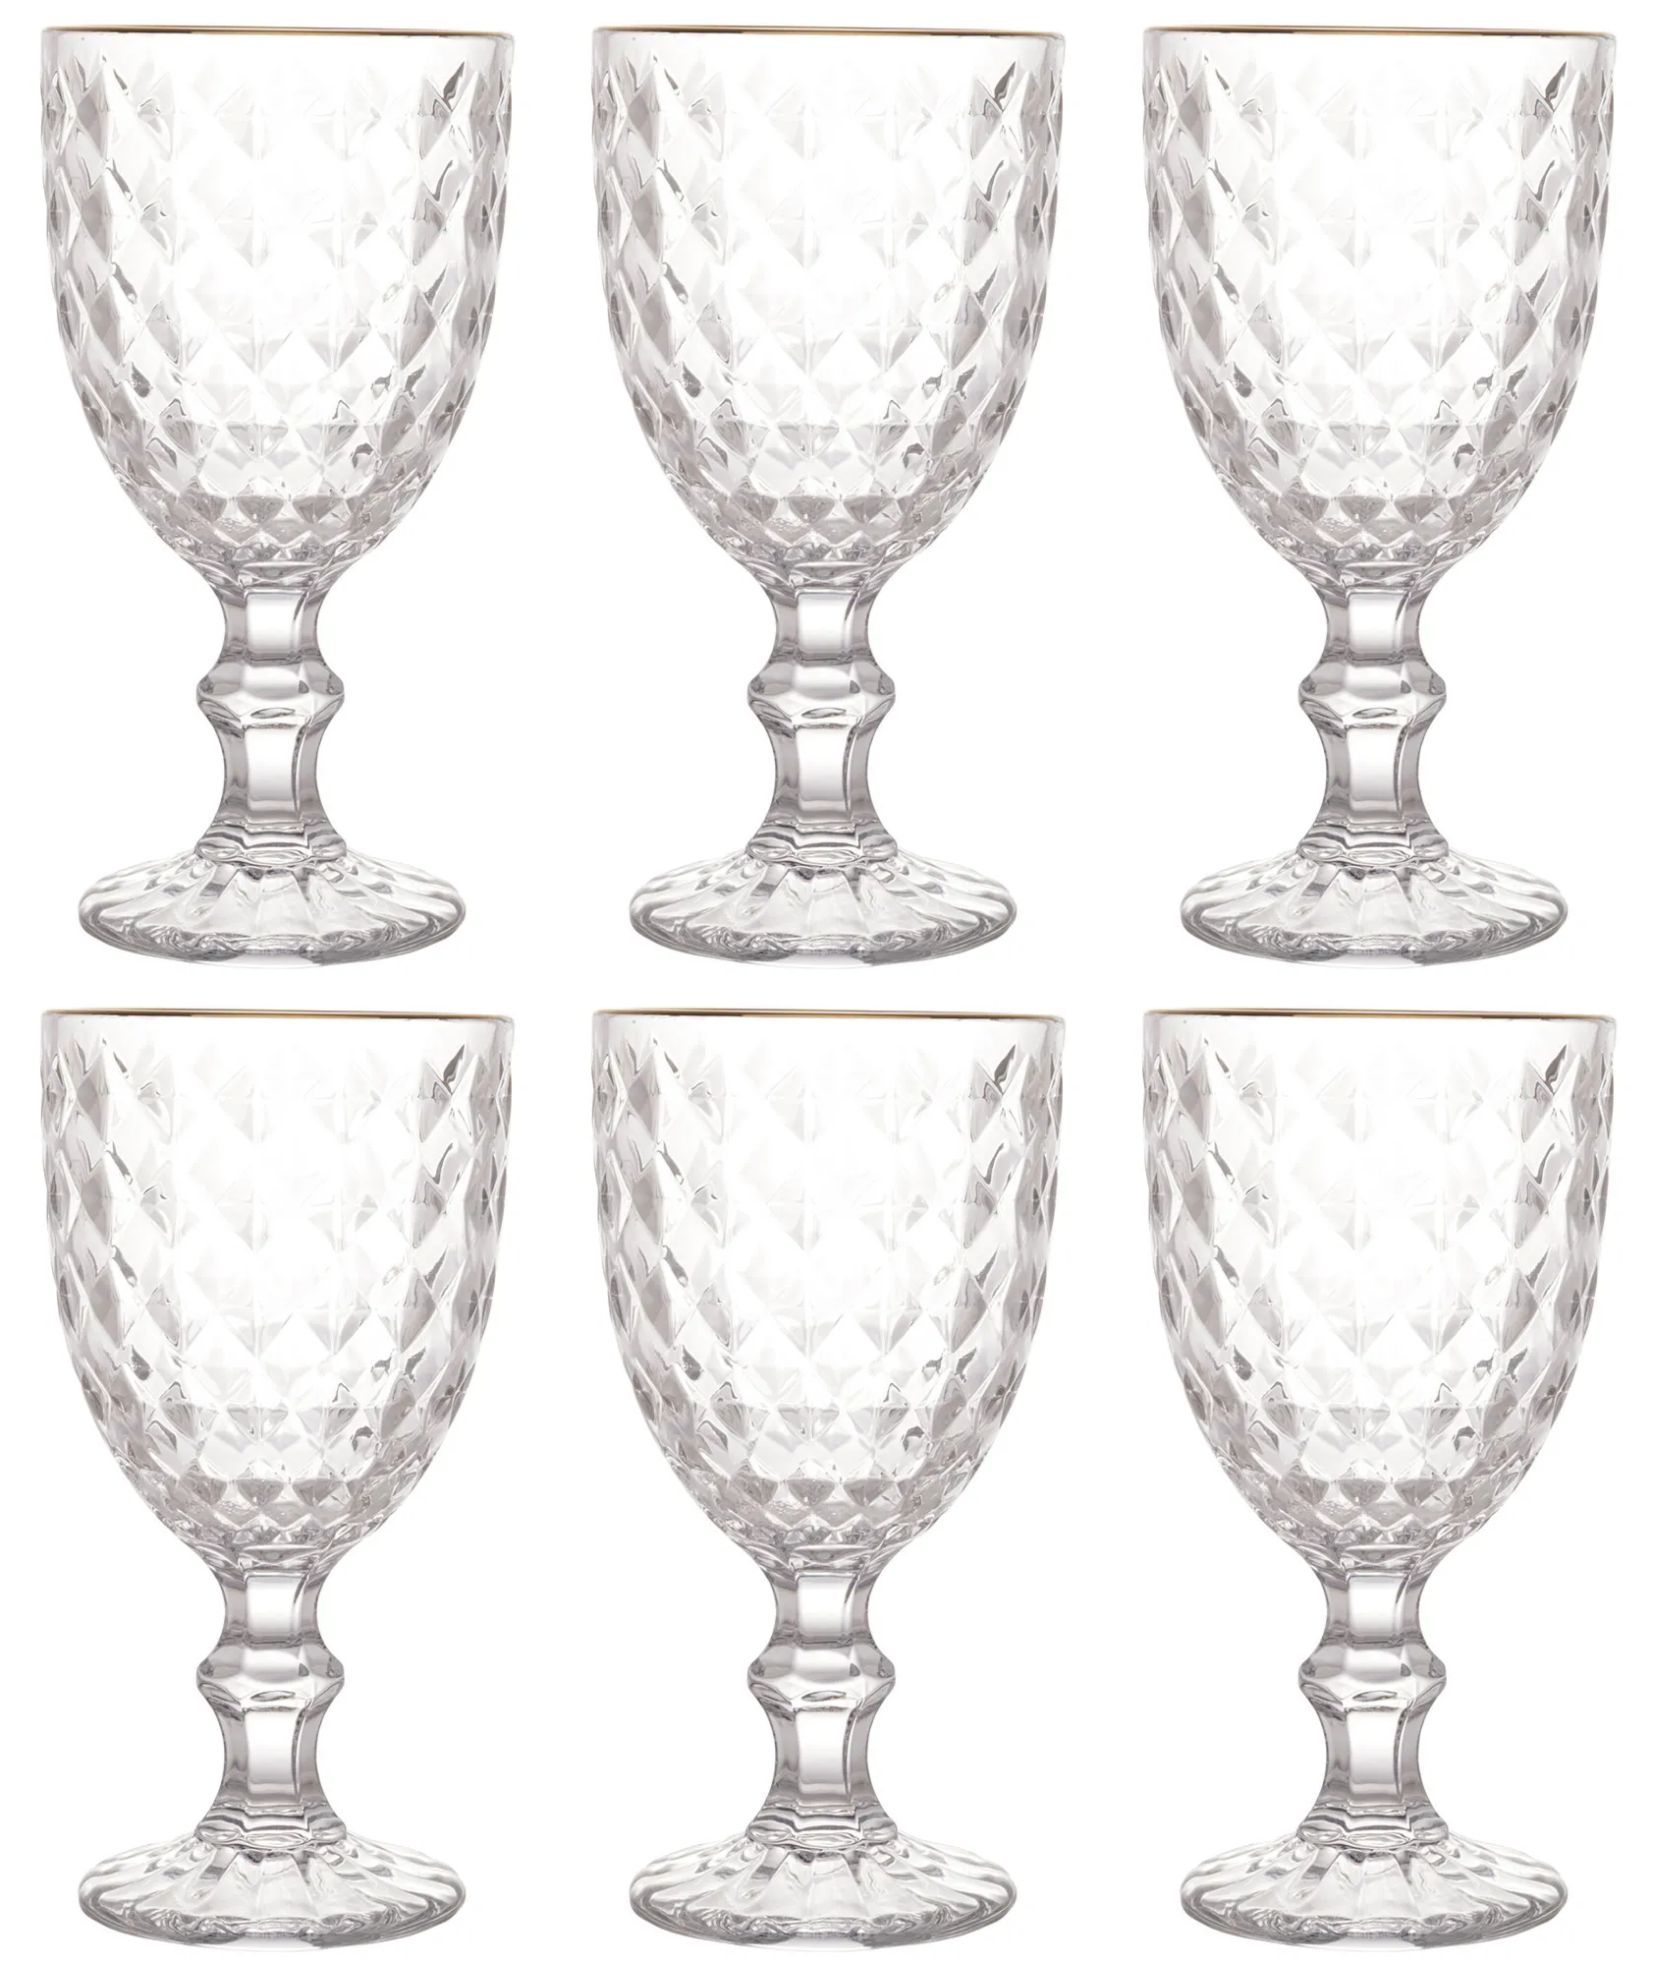 Conjunto 6 Taças Vidro para Água com Fio Dourado Roman 345ml